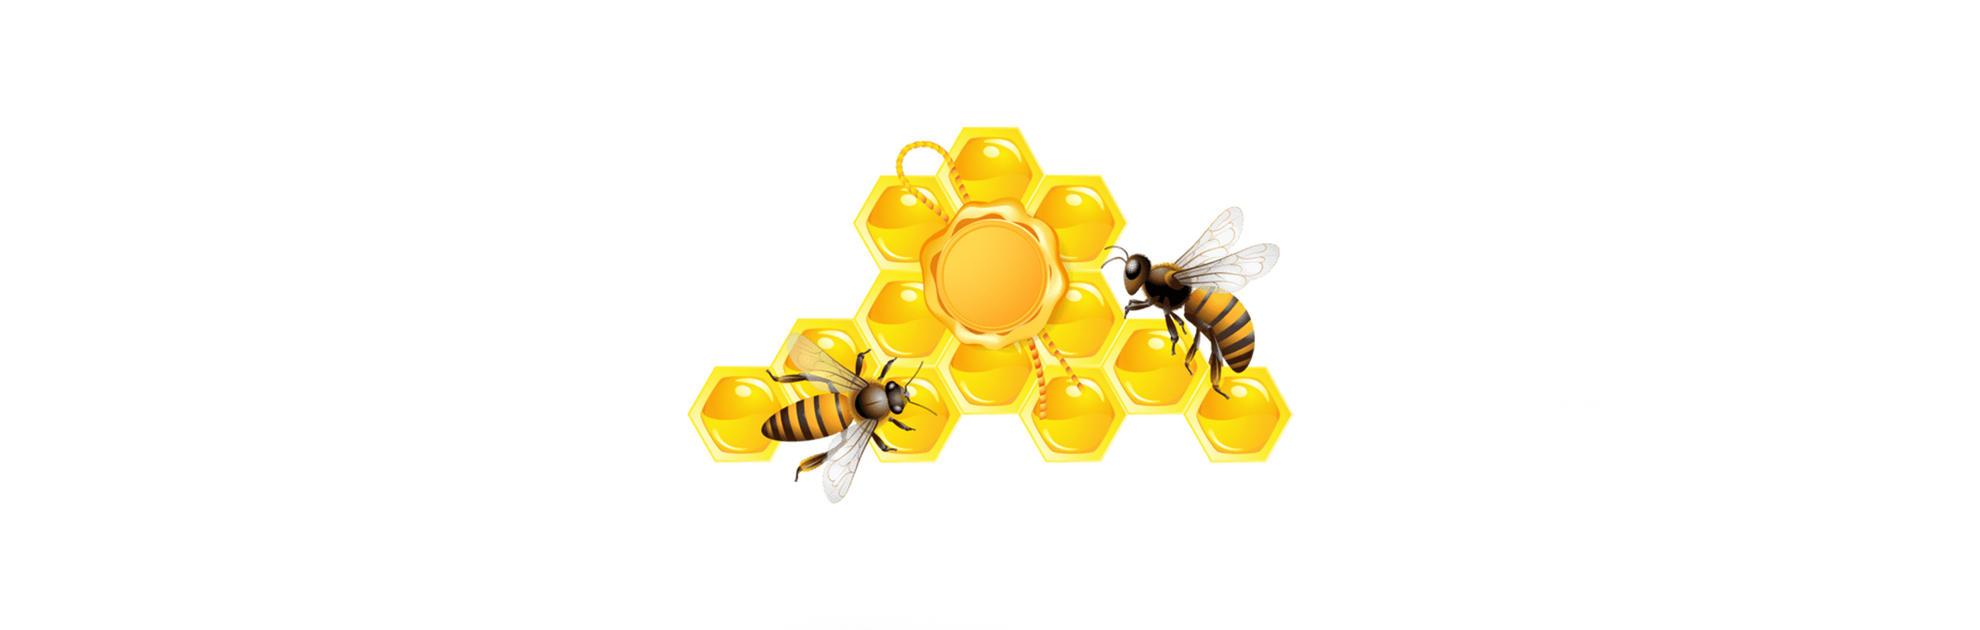 О пчелах, папе и двойной радуге